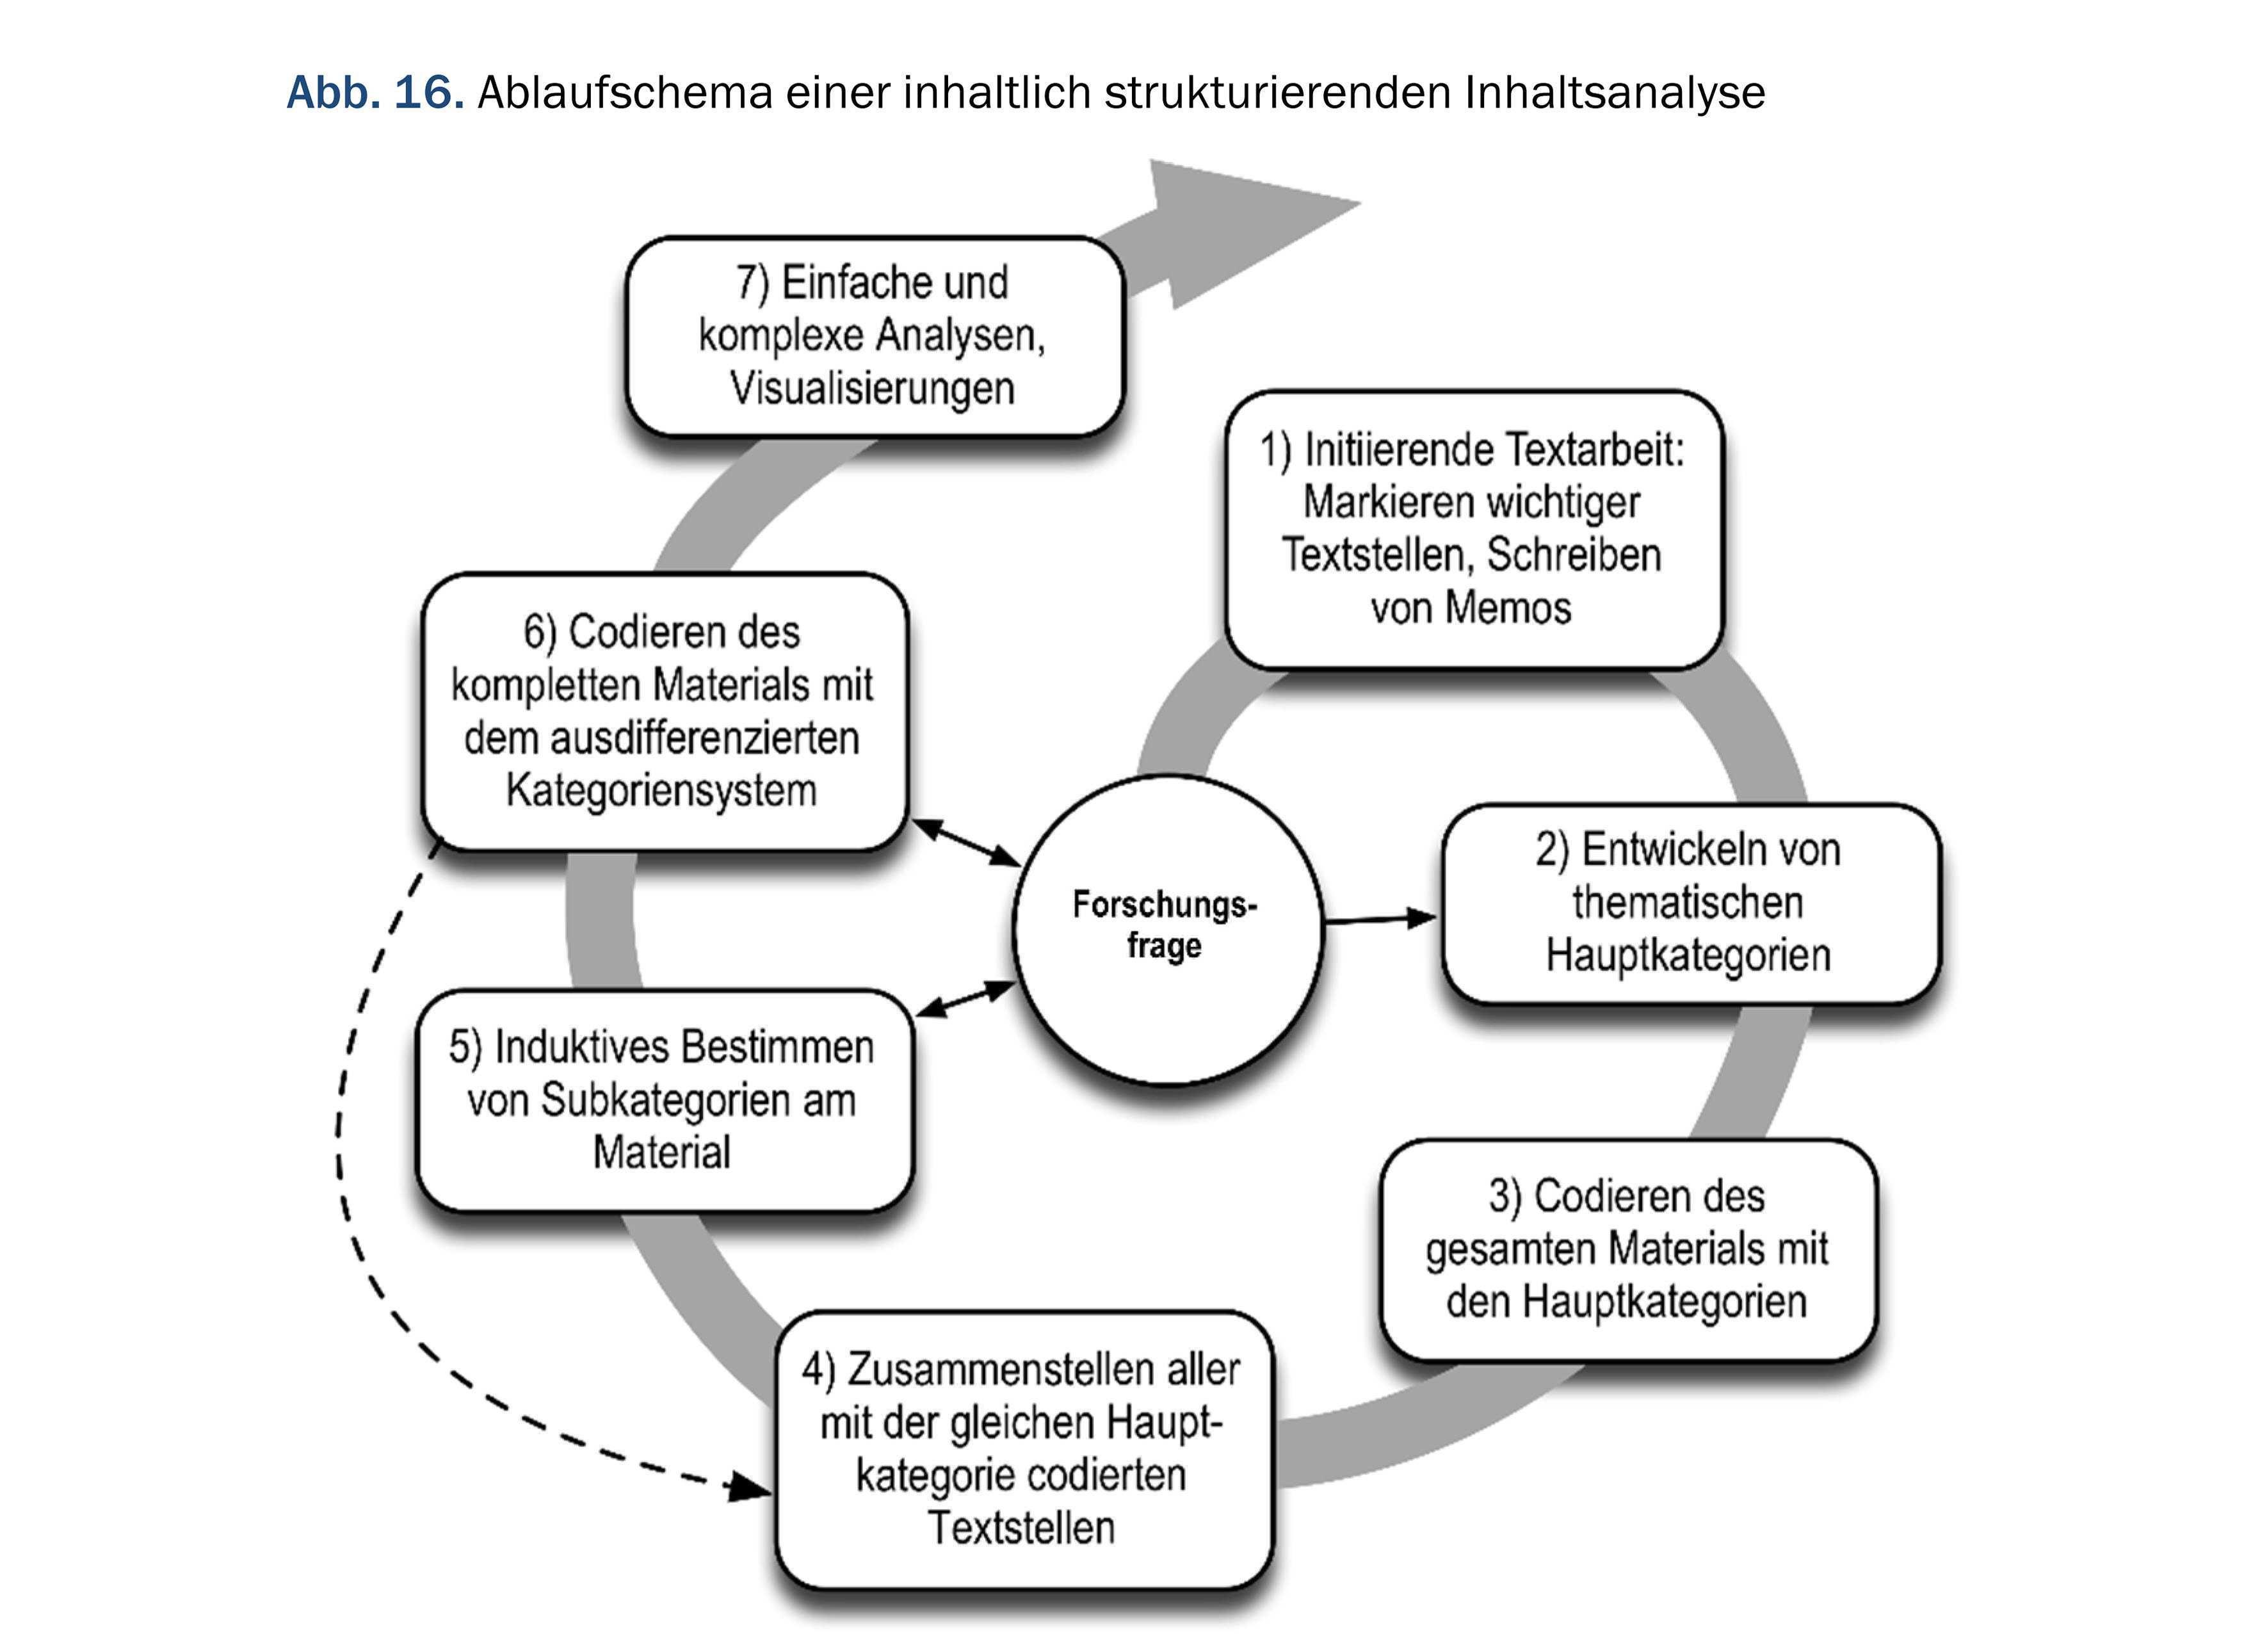 Methode Wie Lauft Eine Qualitative Inhaltsanalyse Ab